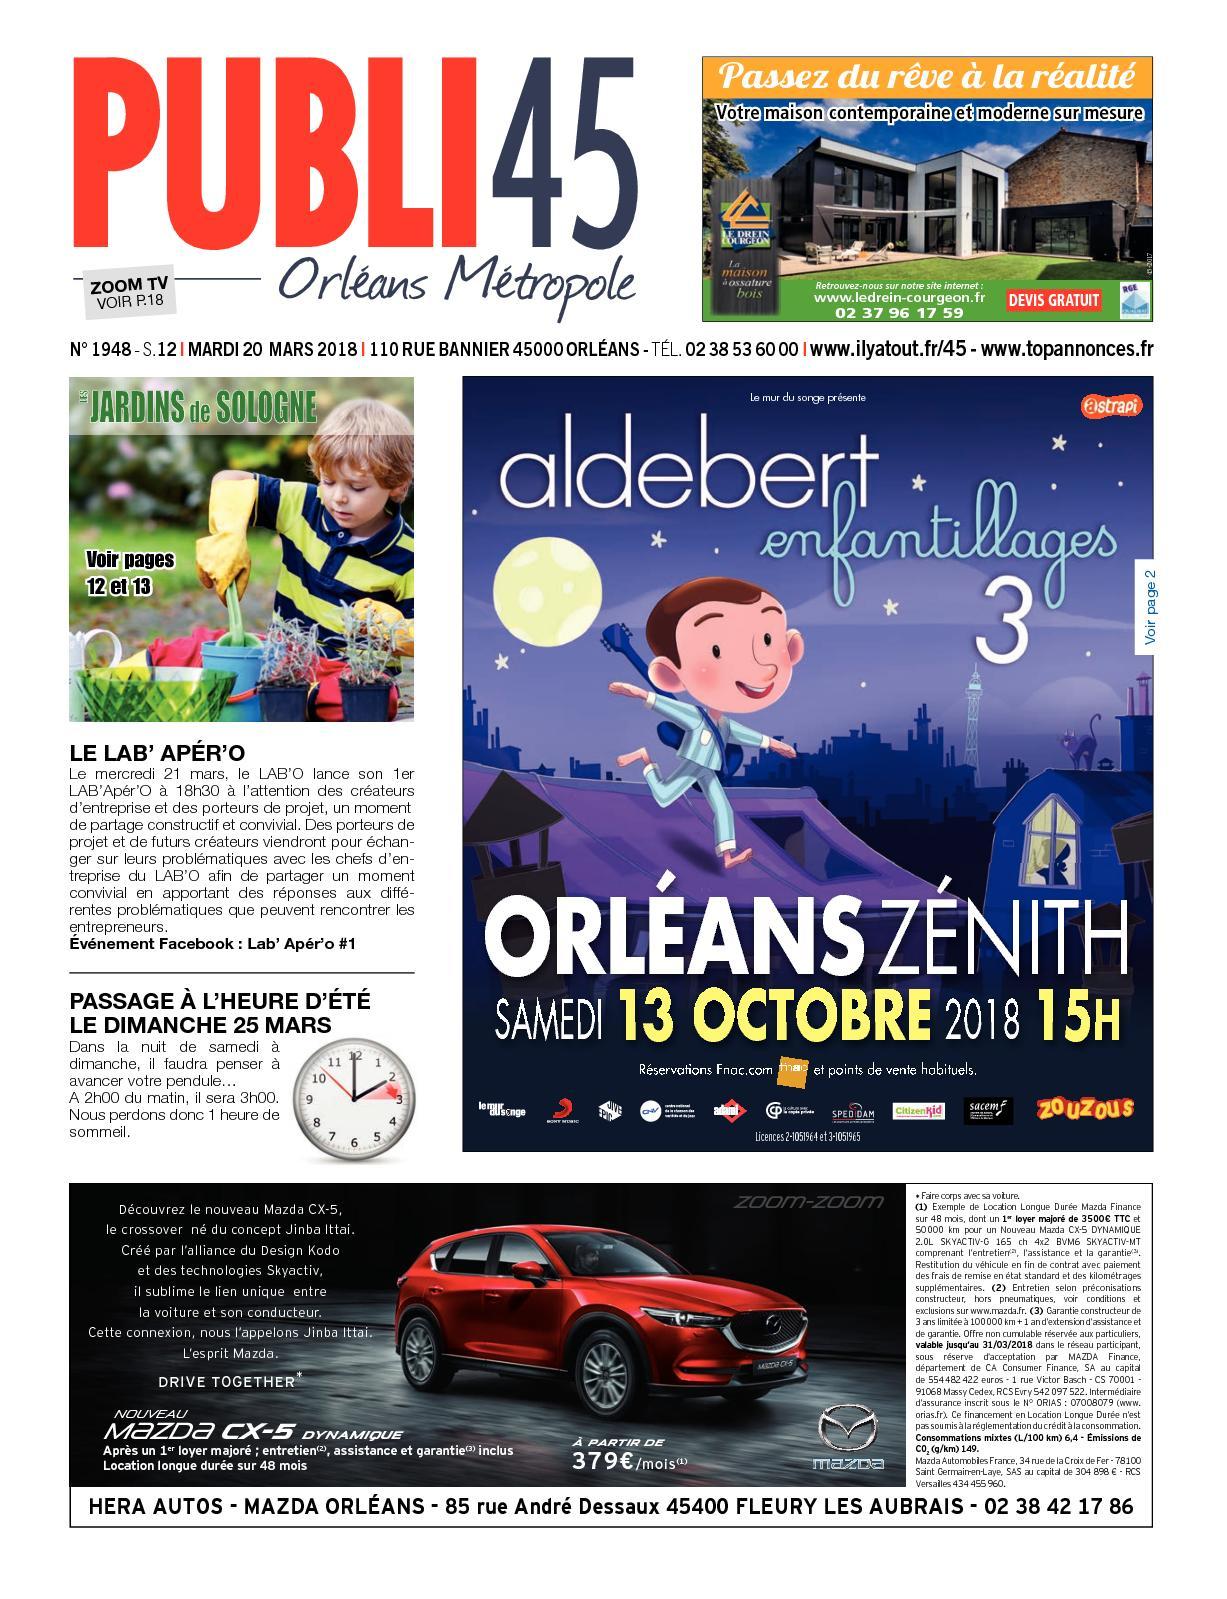 Envia Cuisine Fleury Les Aubrais calaméo - publi 45 122018